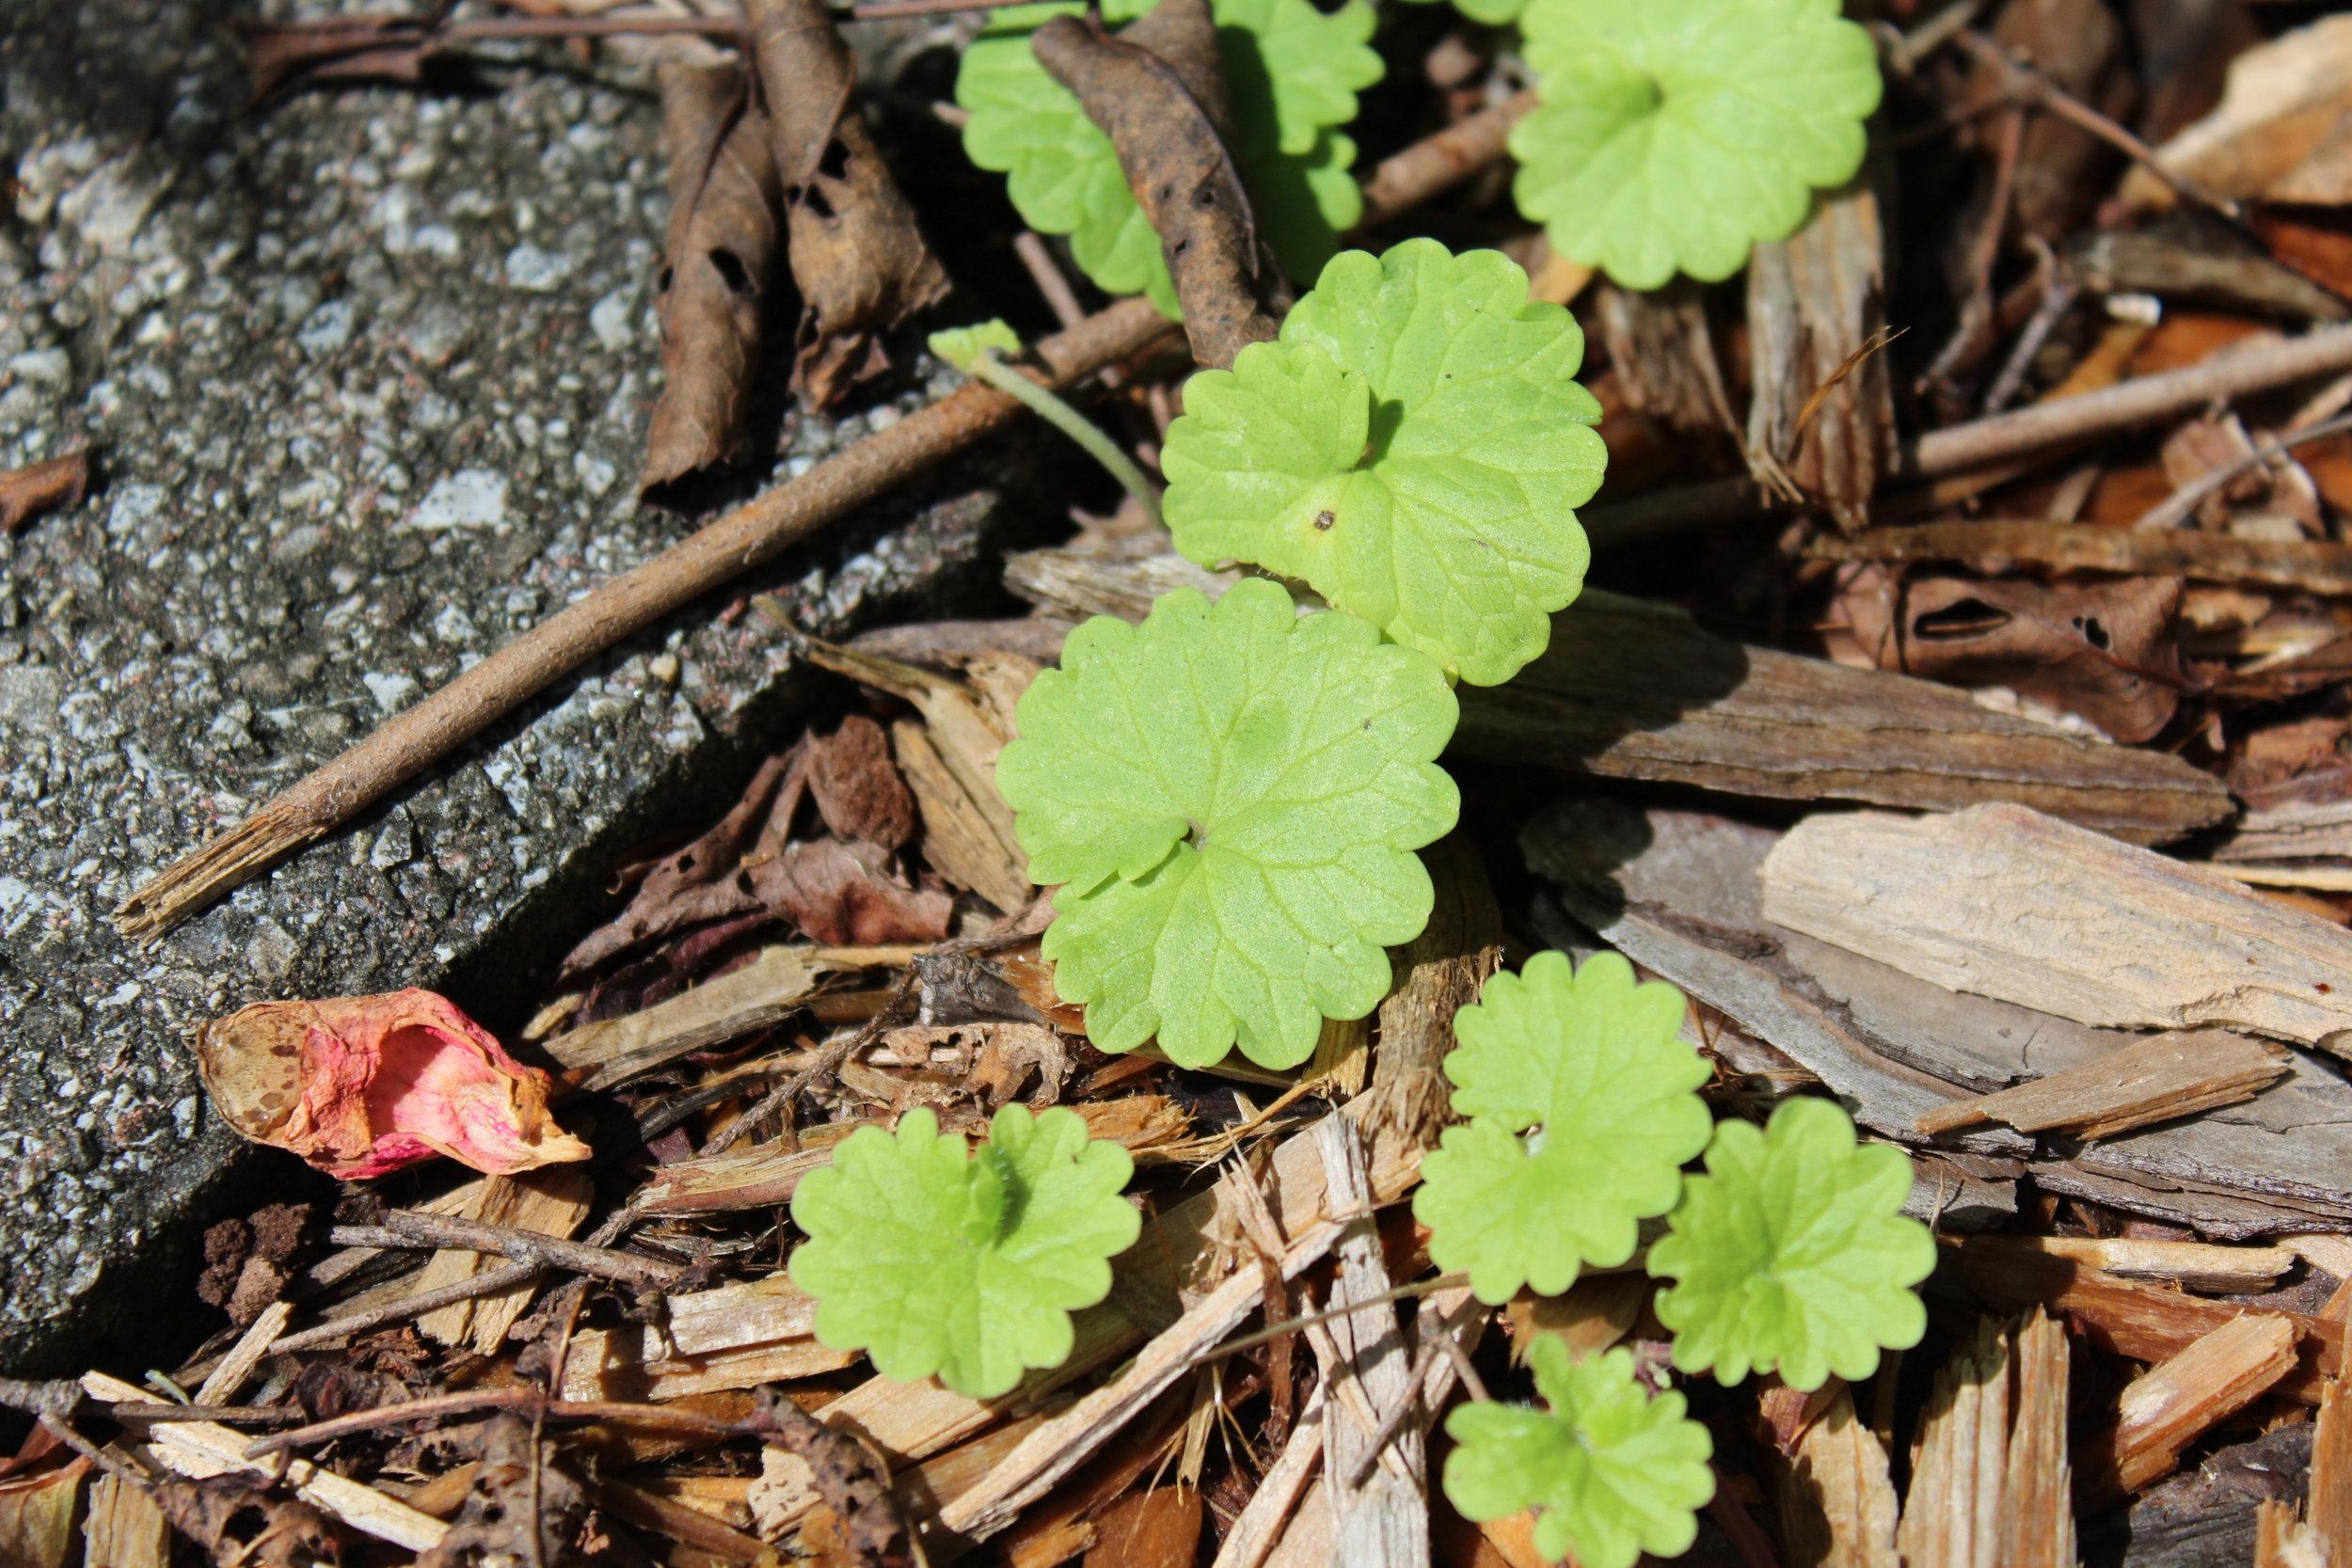 Close-up of Ground Ivy